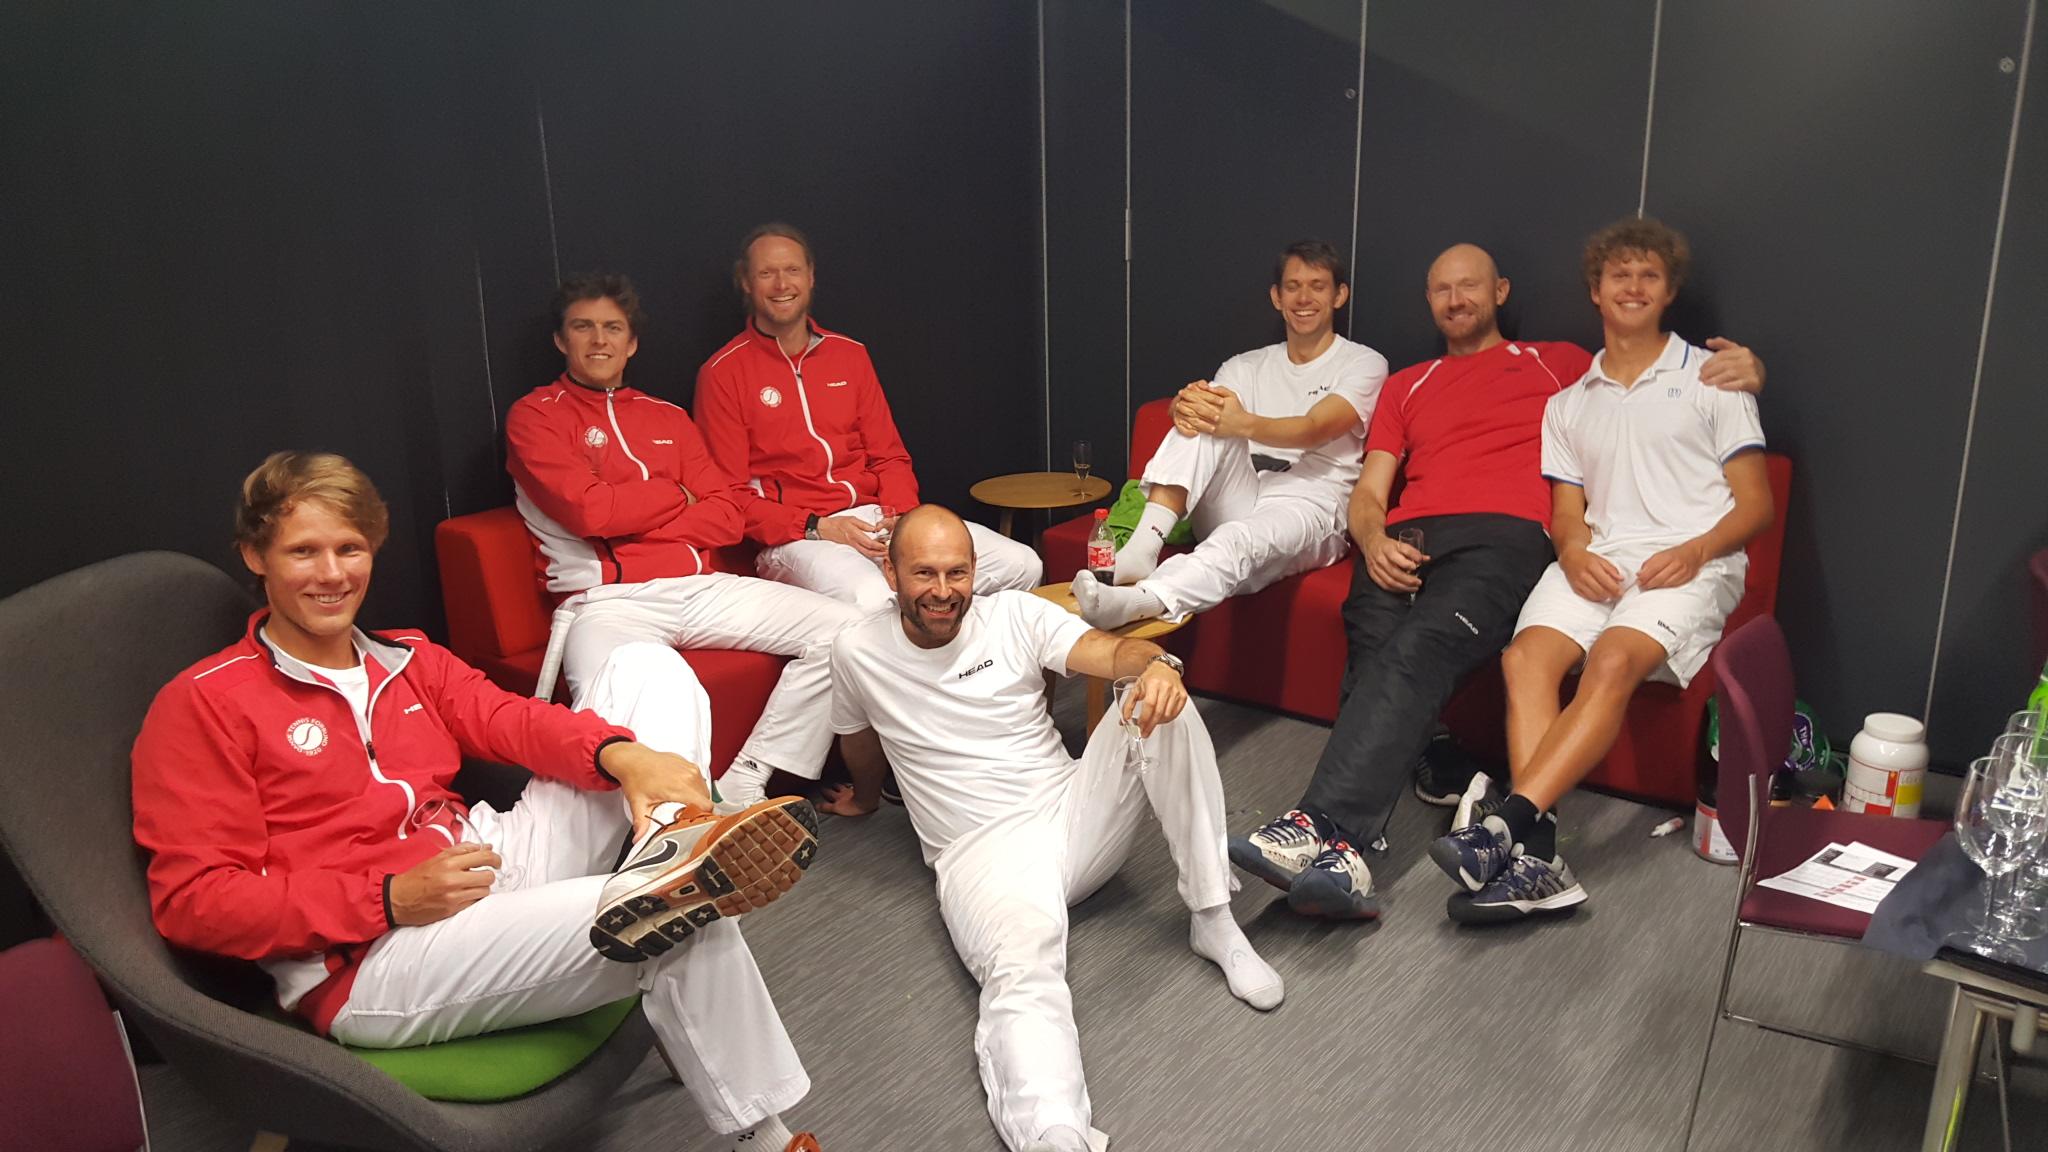 Det Danske Davis Cup Team